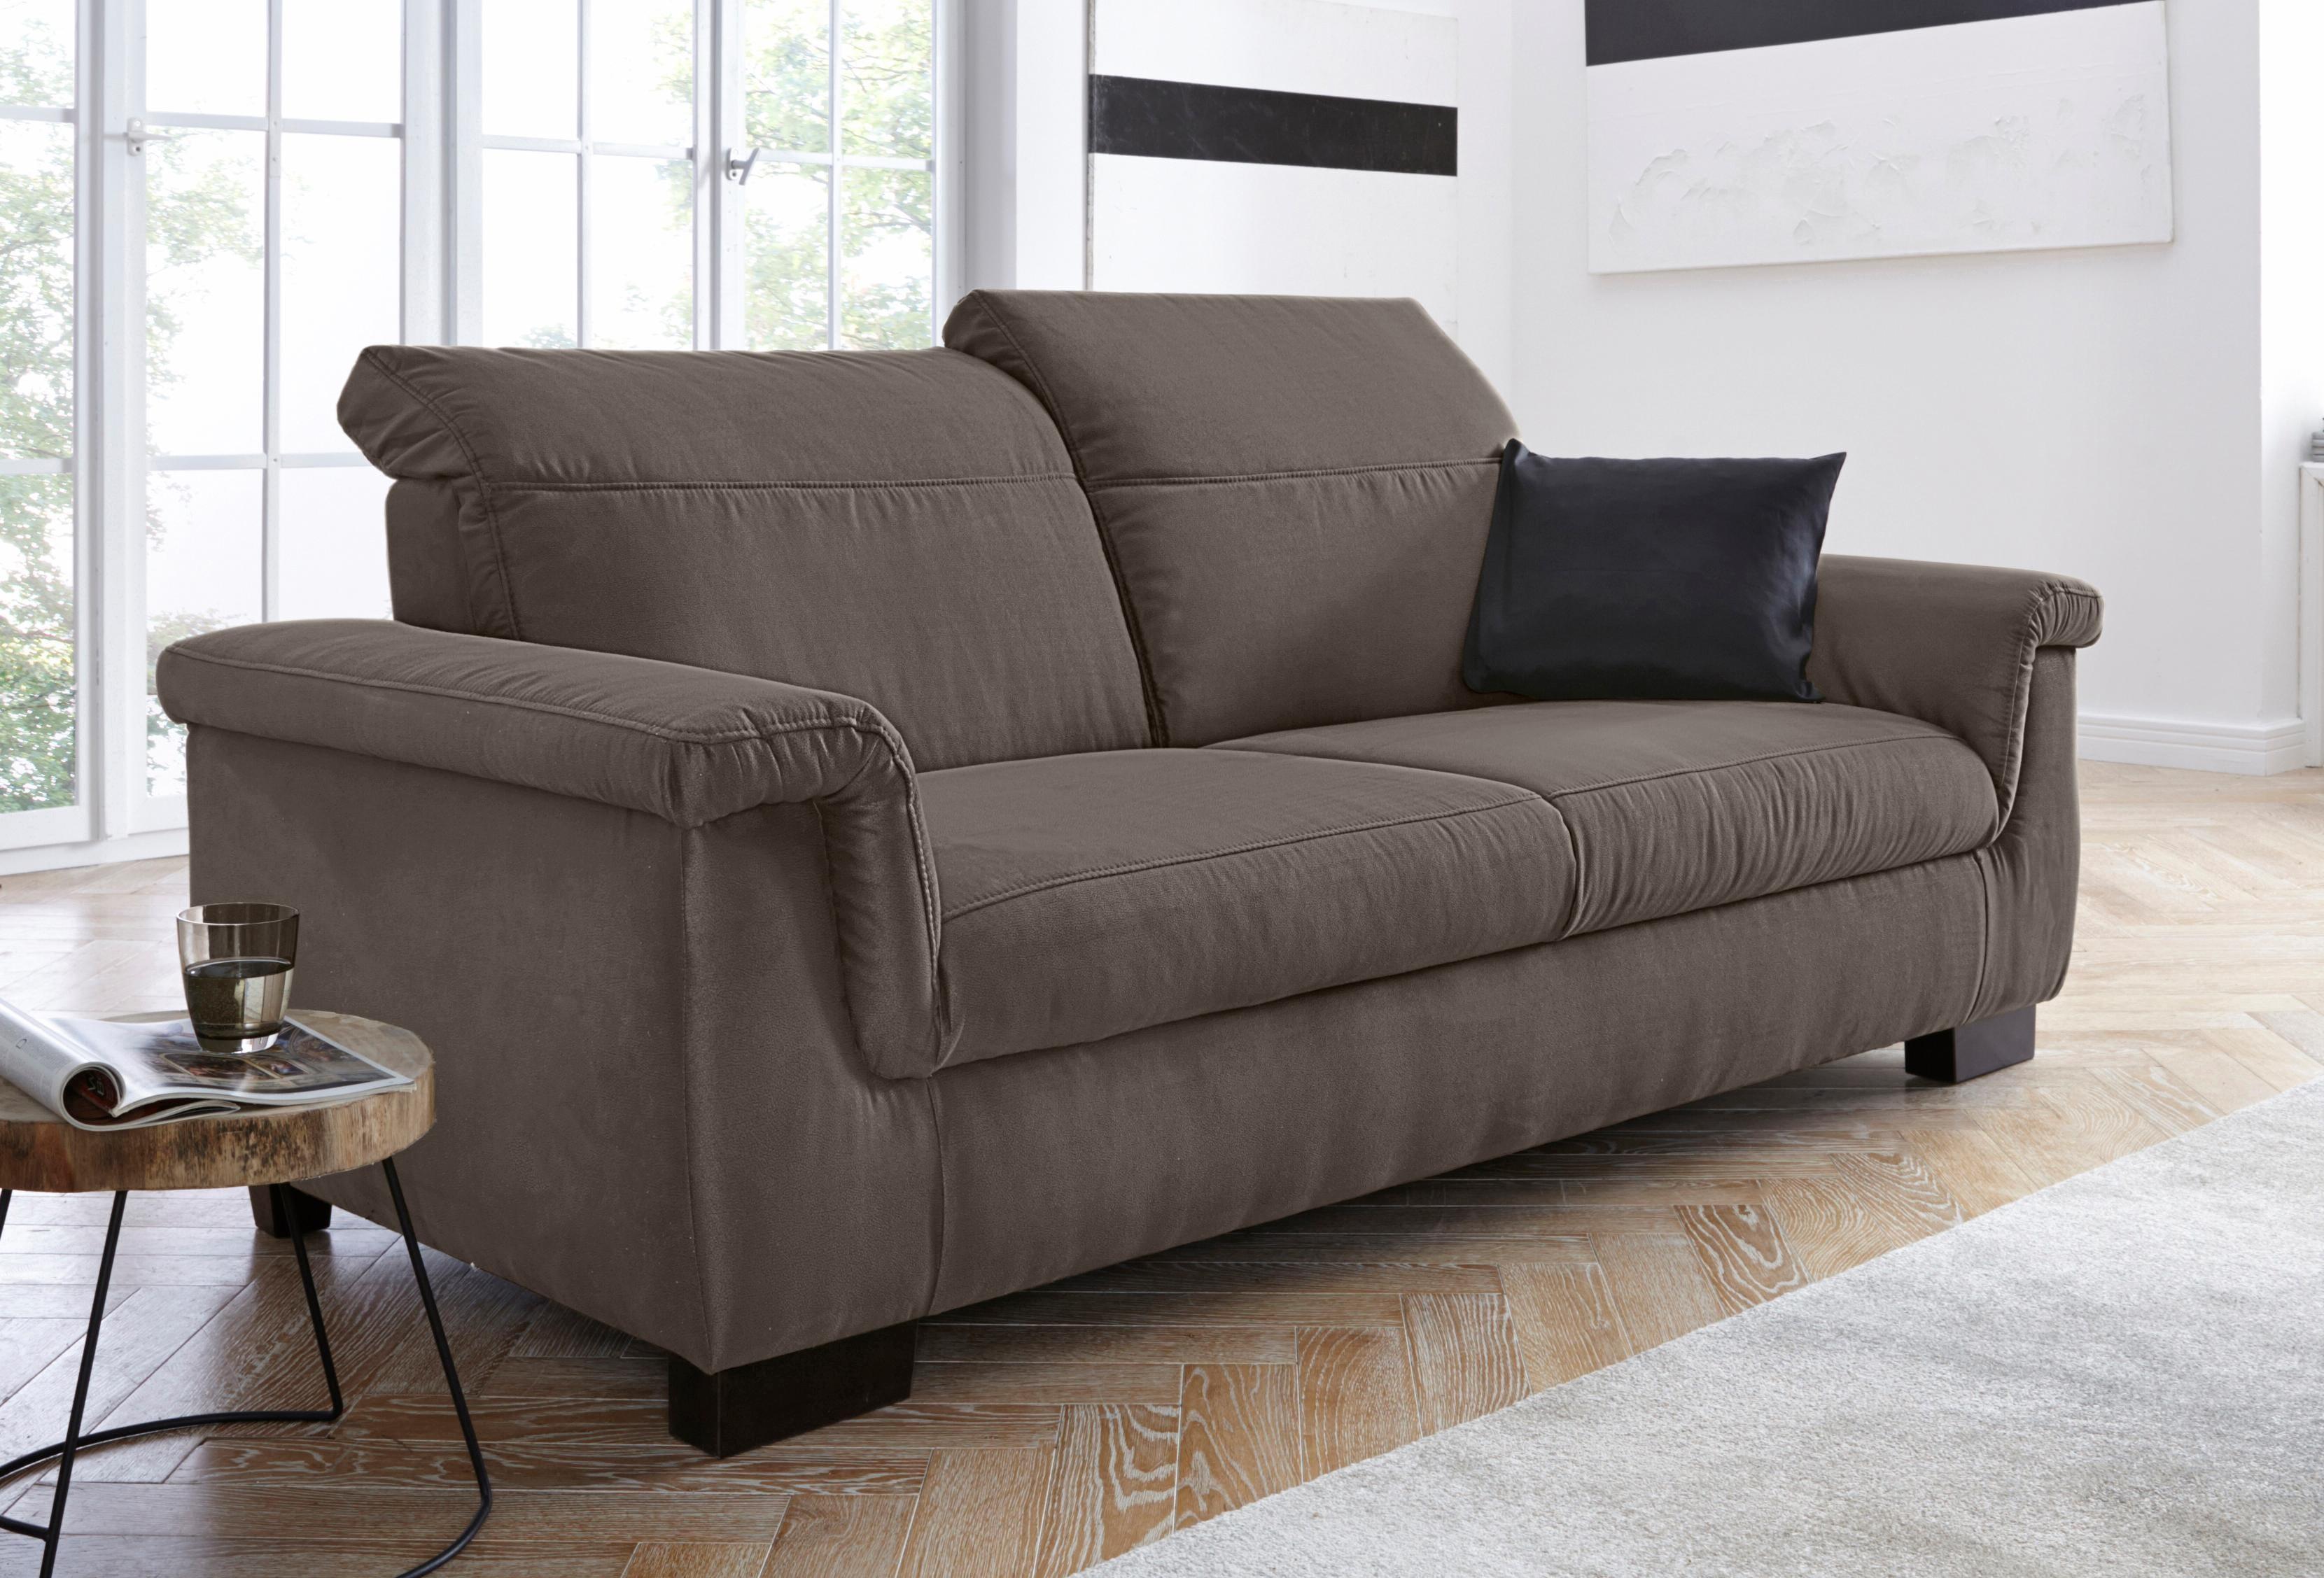 Image of 2, 5-Sitzer, wahlweise mit Rückenverstellung